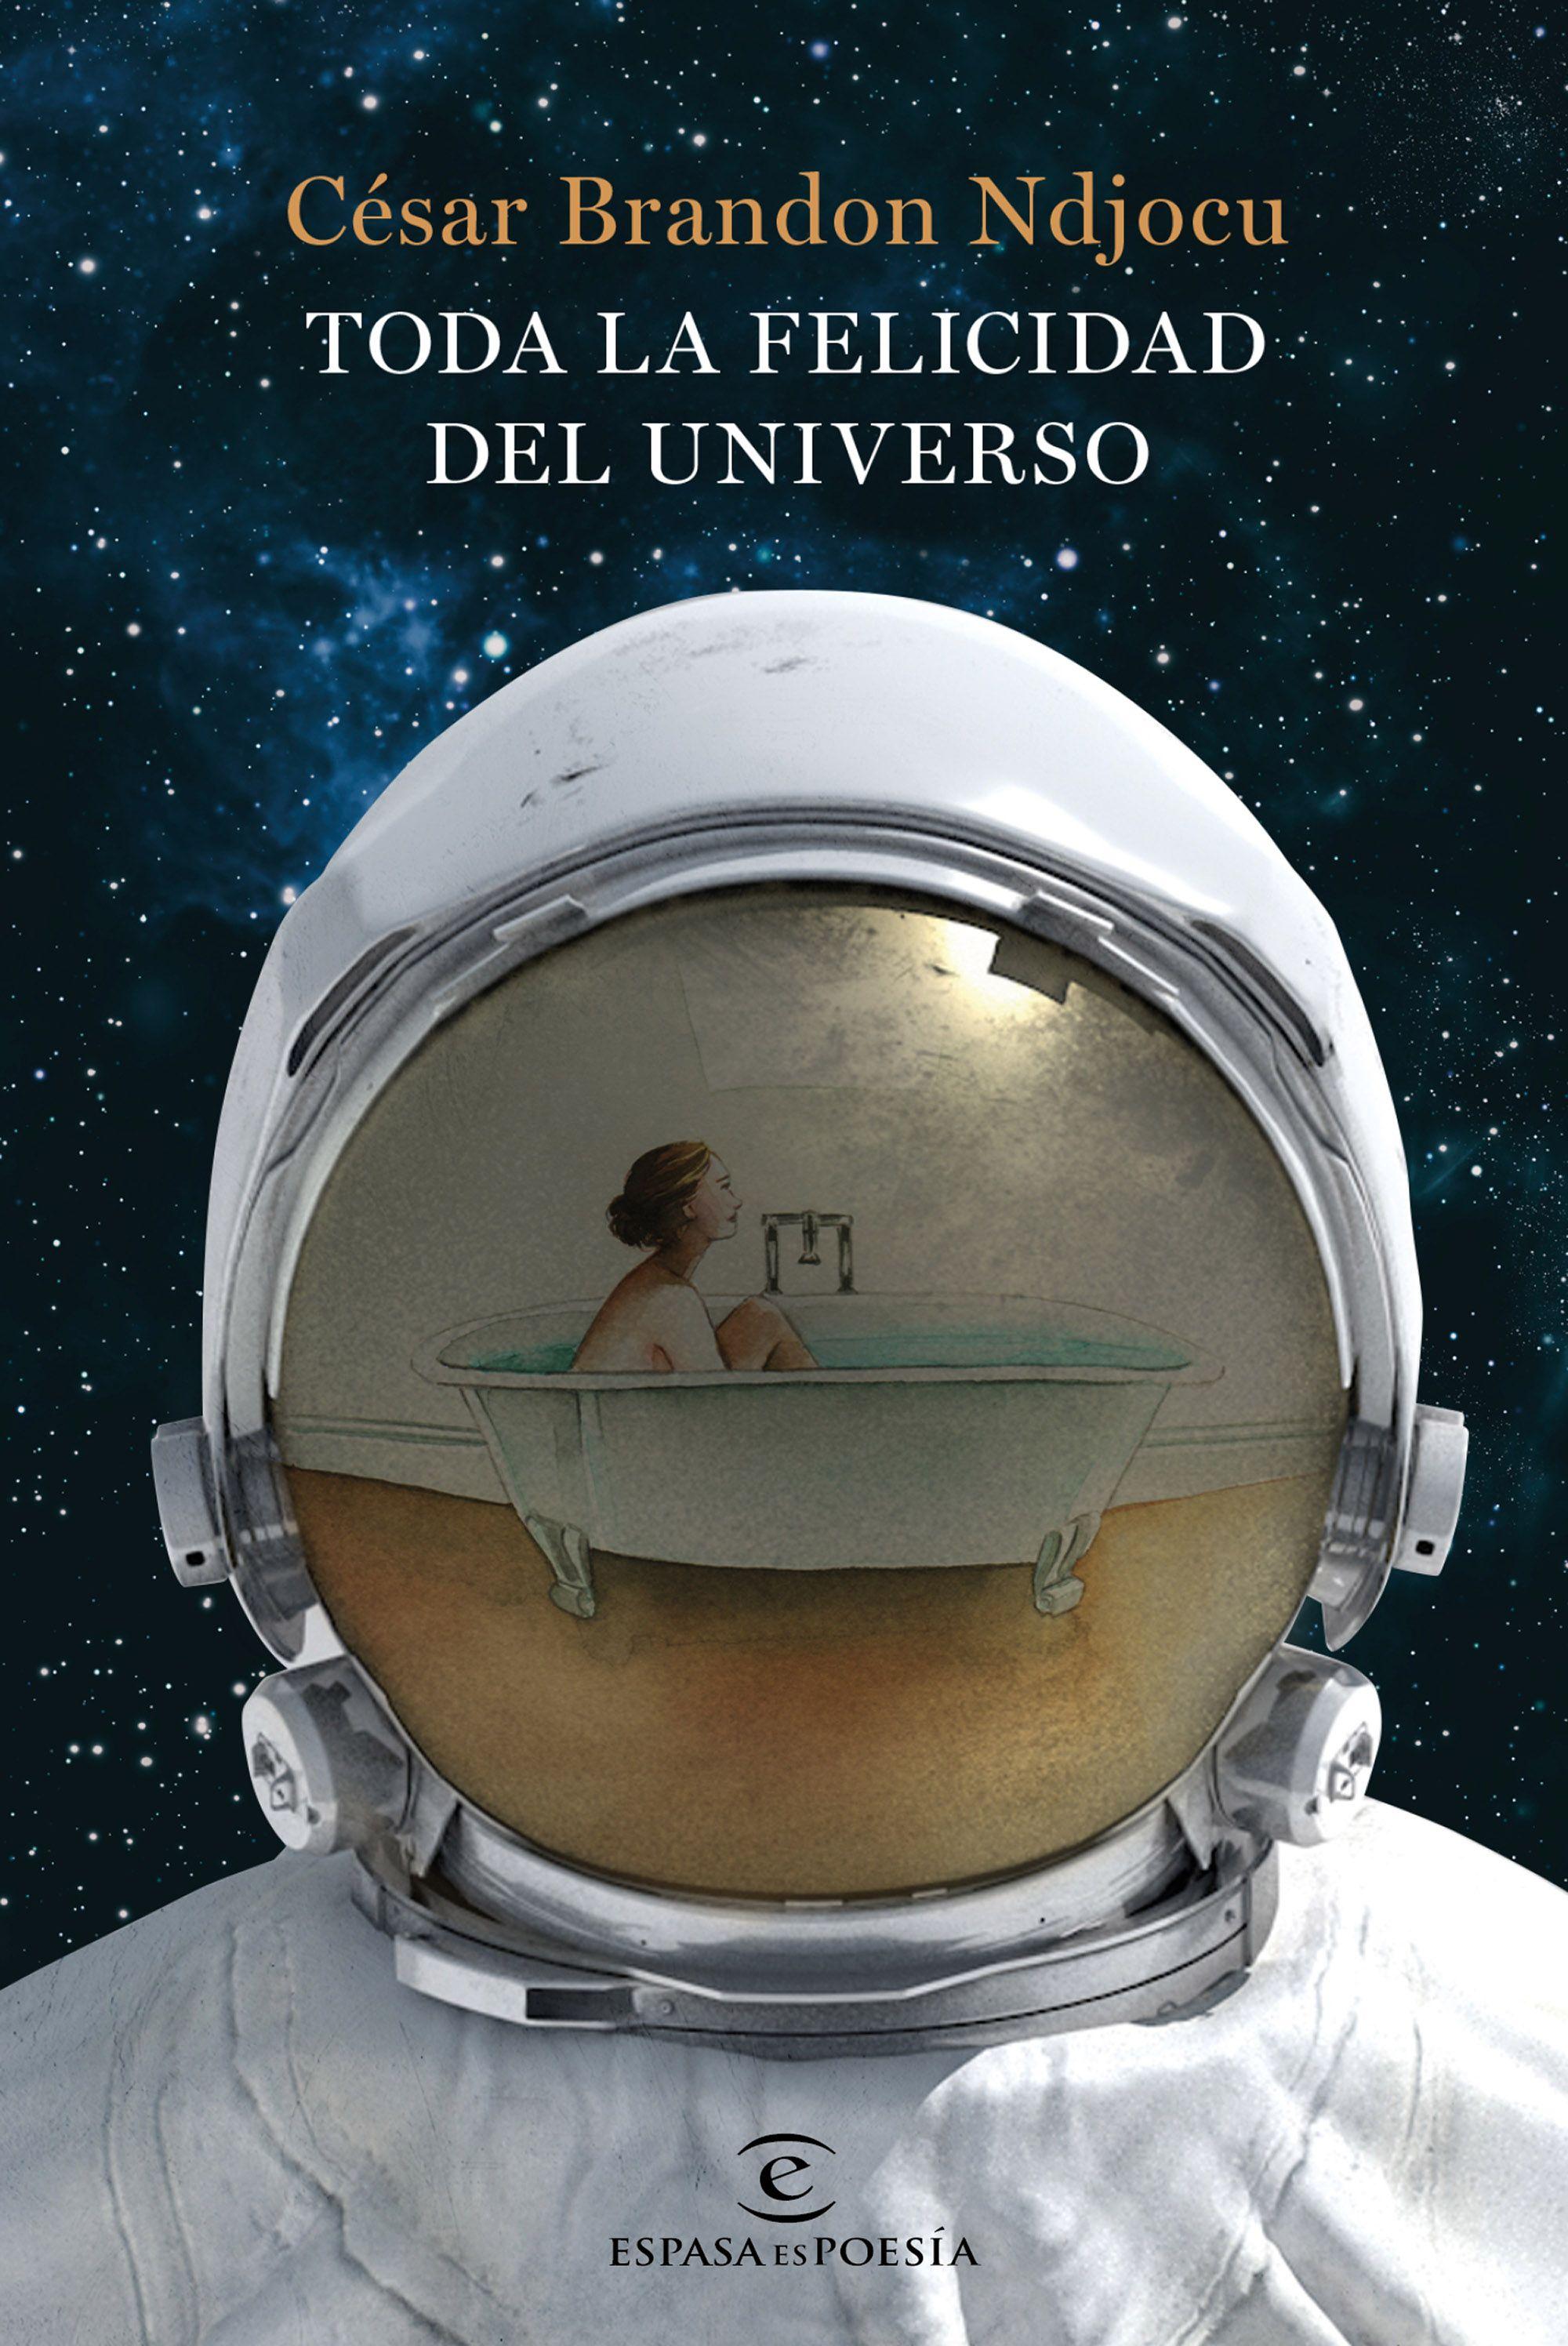 Toda la Felicidad del Universo - César Brandon Ndjocu - Espasa